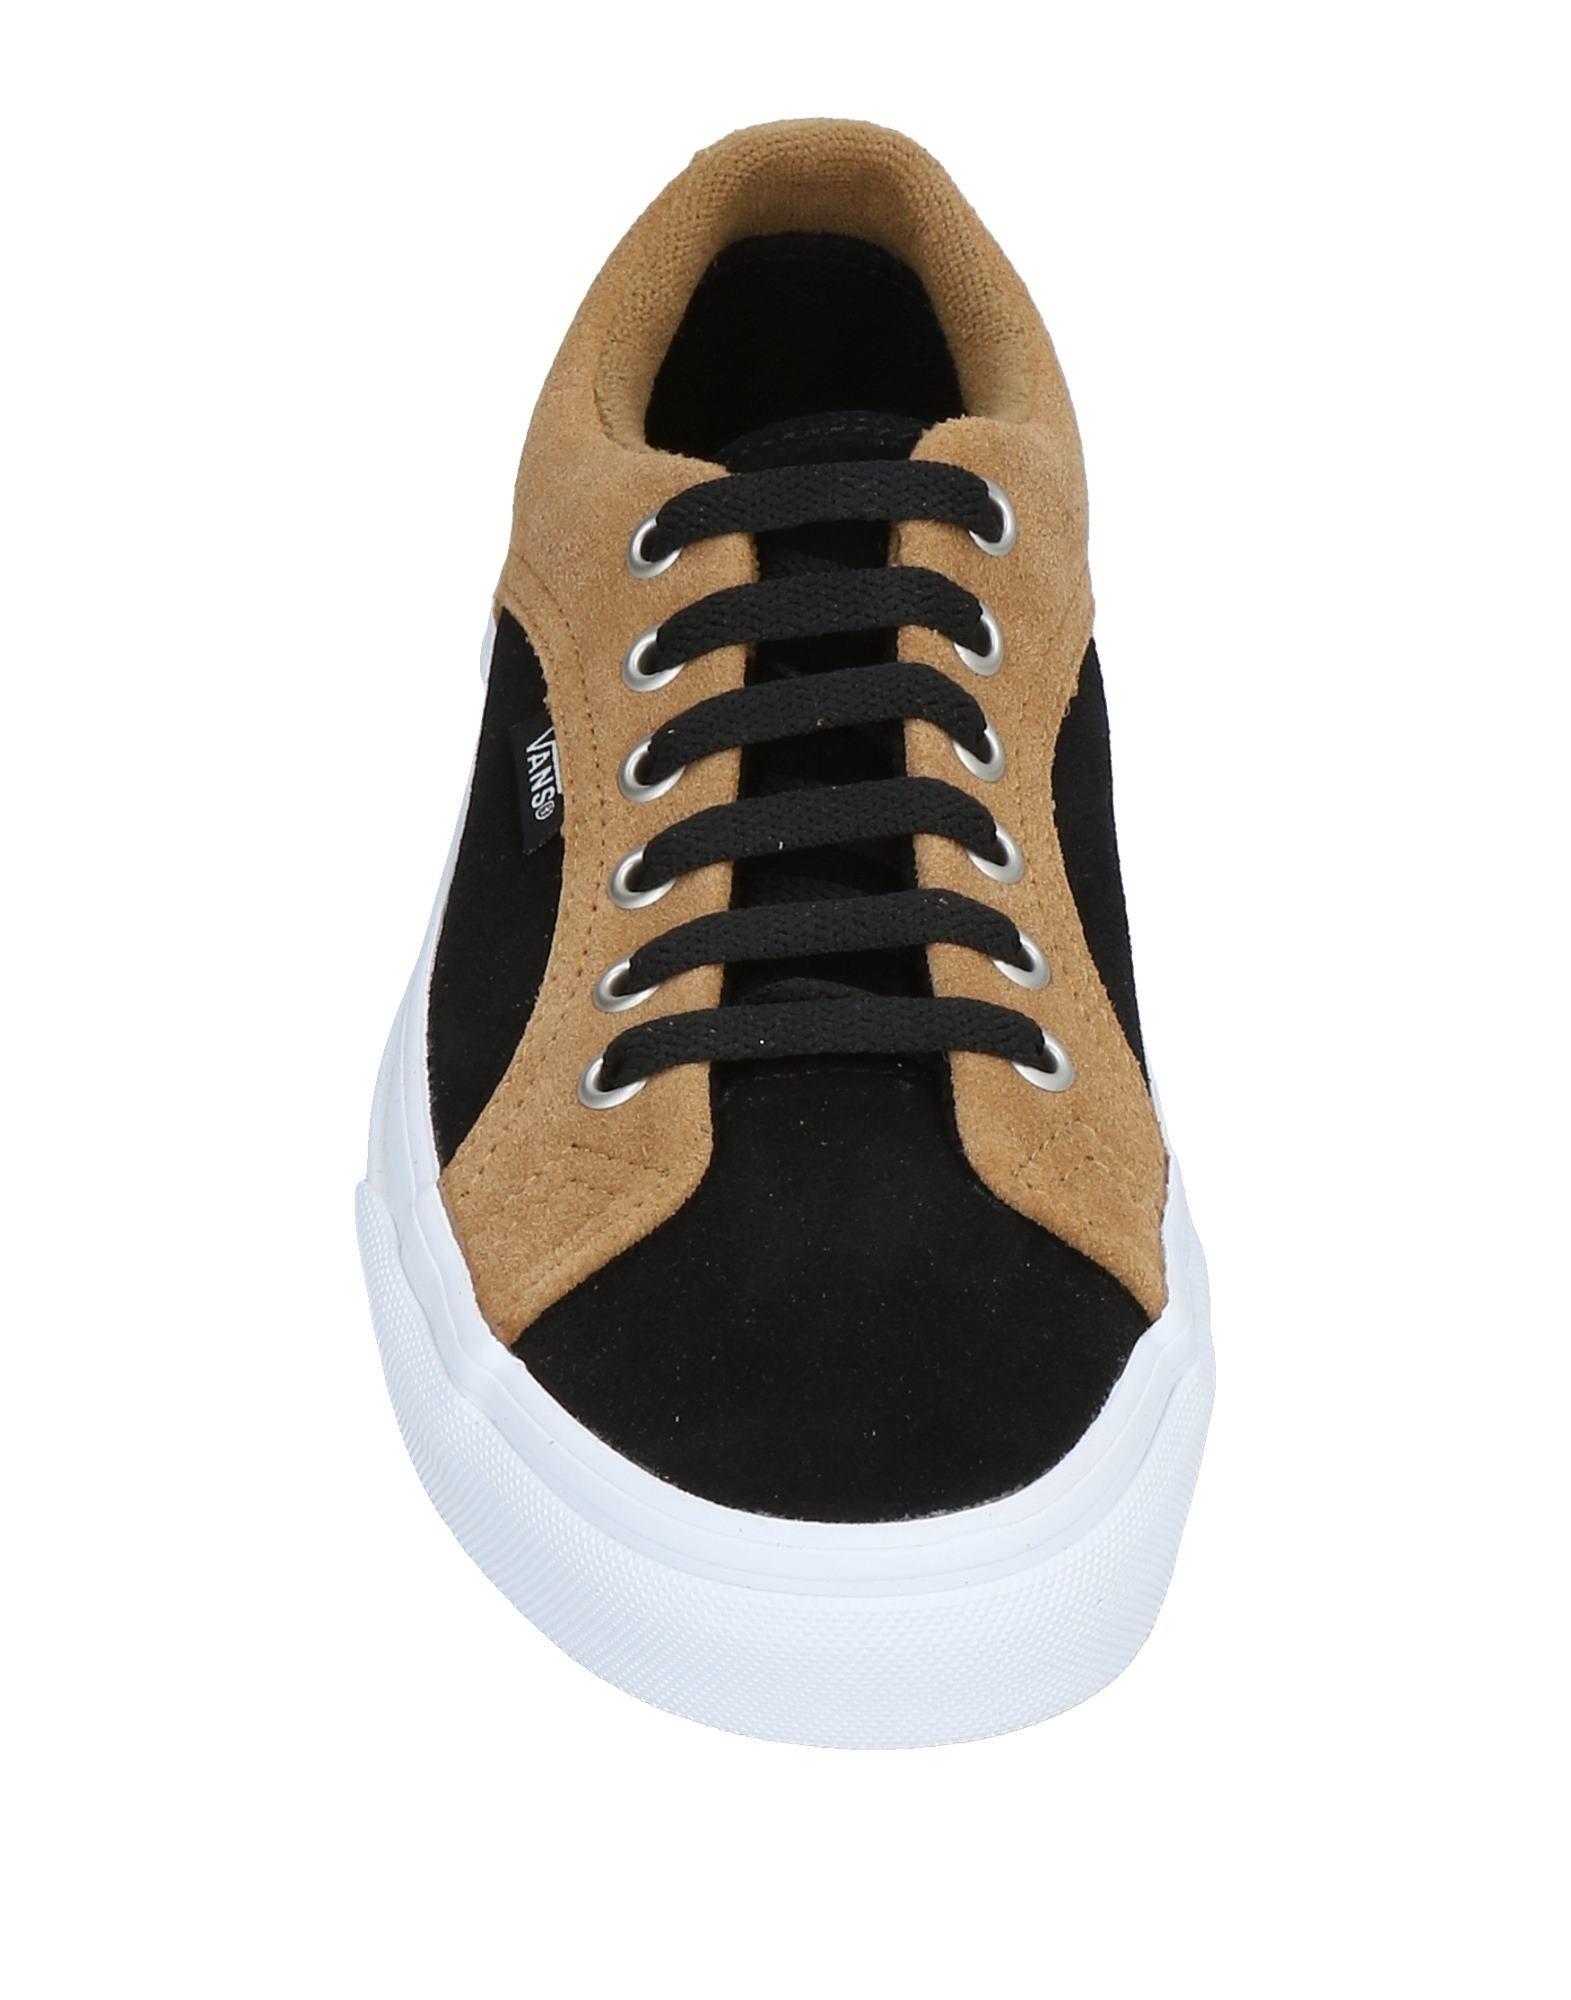 Vans Sneakers Damen Gutes Preis-Leistungs-Verhältnis, sich es lohnt sich Preis-Leistungs-Verhältnis, e2ef39